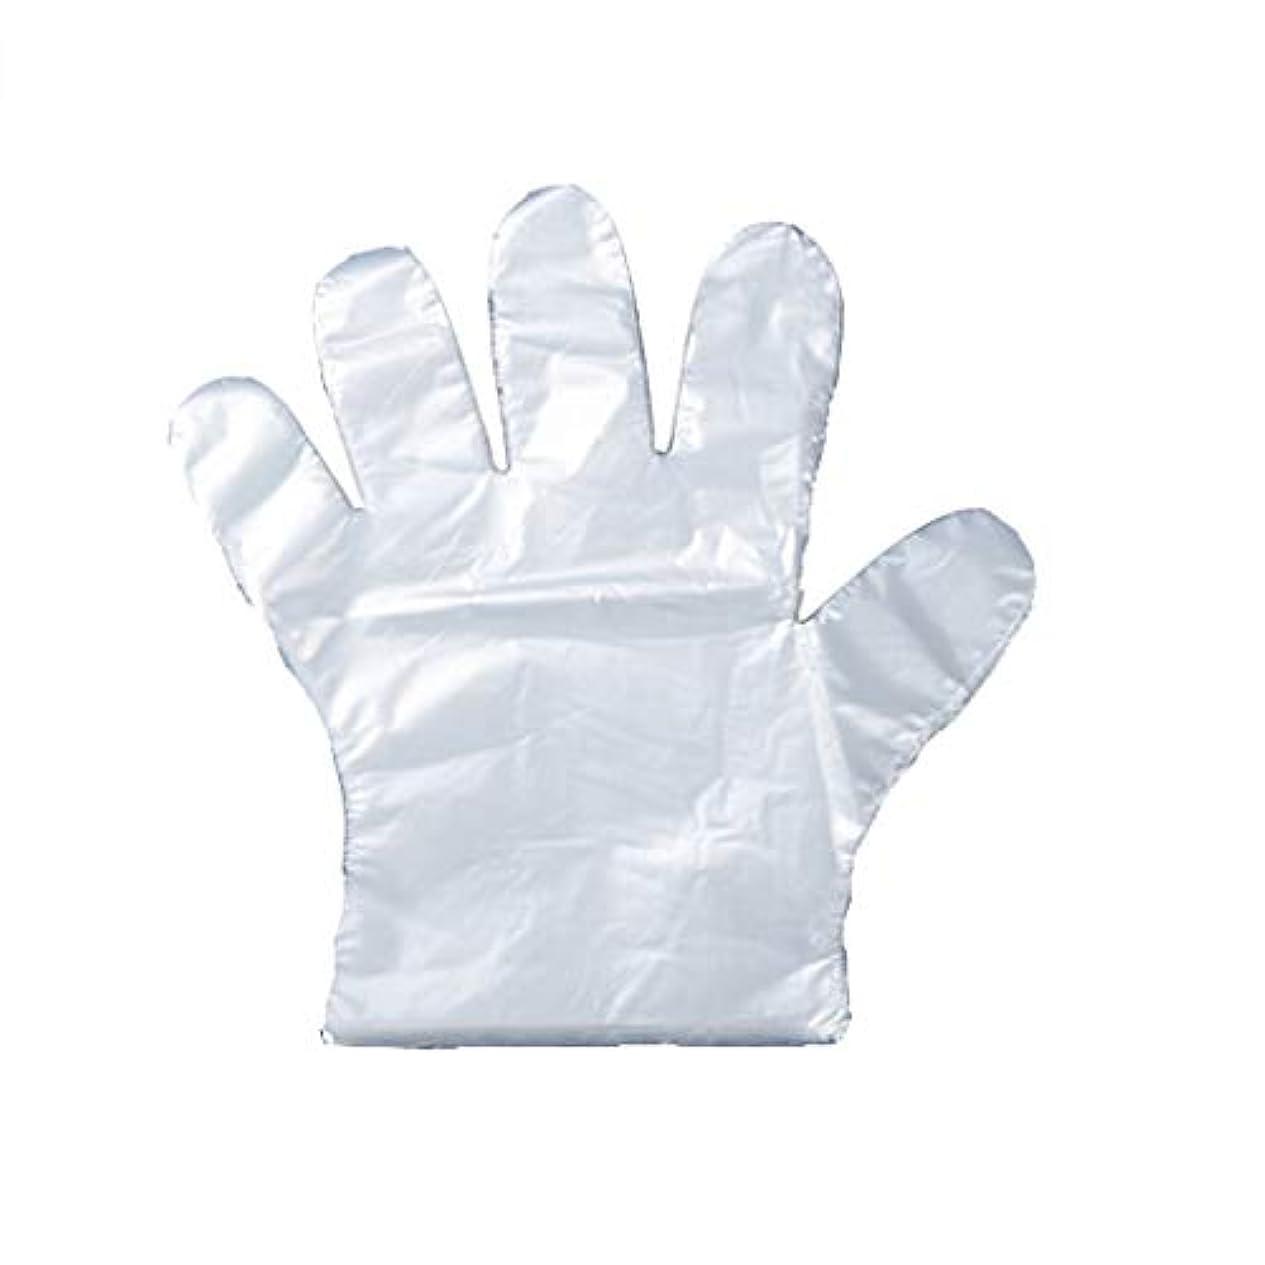 デクリメント軍ビーチ手袋、使い捨て手袋、食堂、髪および肥厚手袋PVC手袋は、1000倍になった。